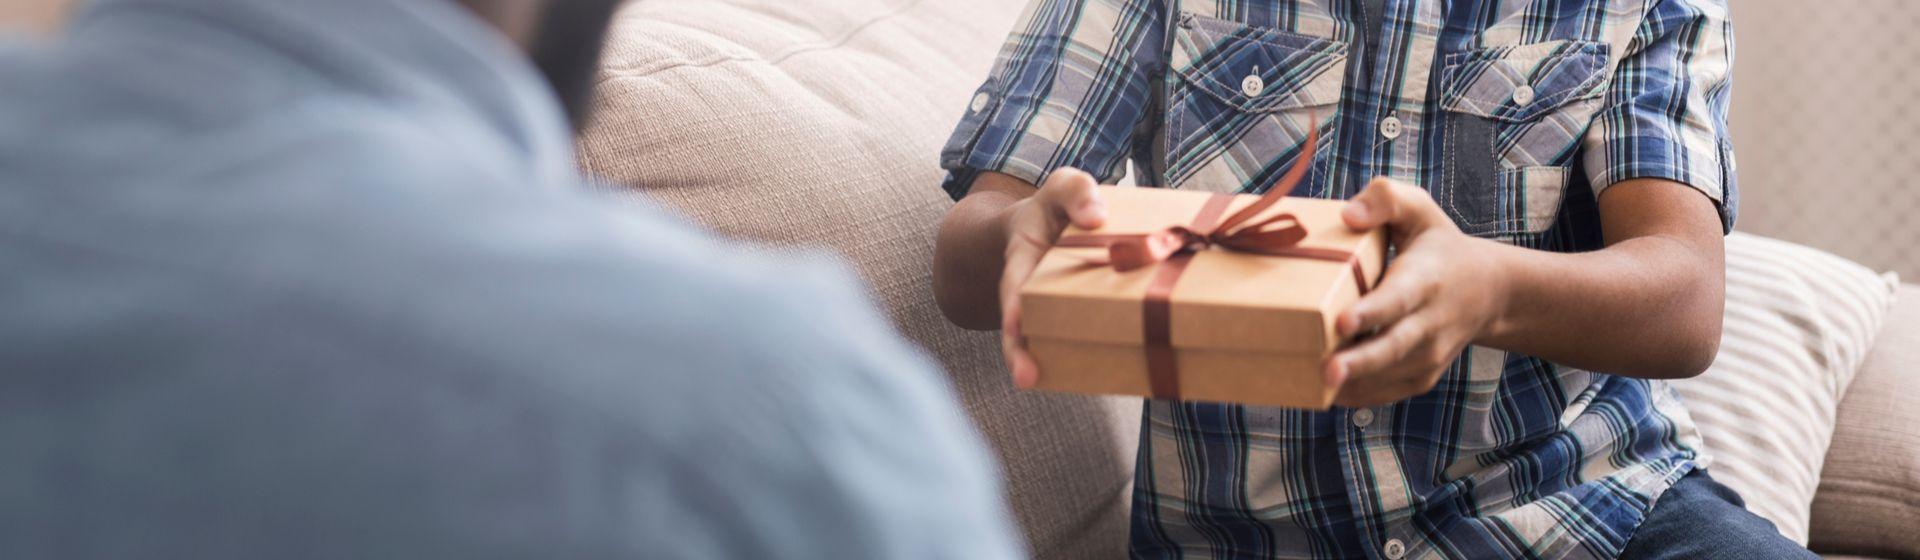 Dia dos Pais 2020: 5 eletrônicos até R$ 150 para garantir a 'lembrancinha'